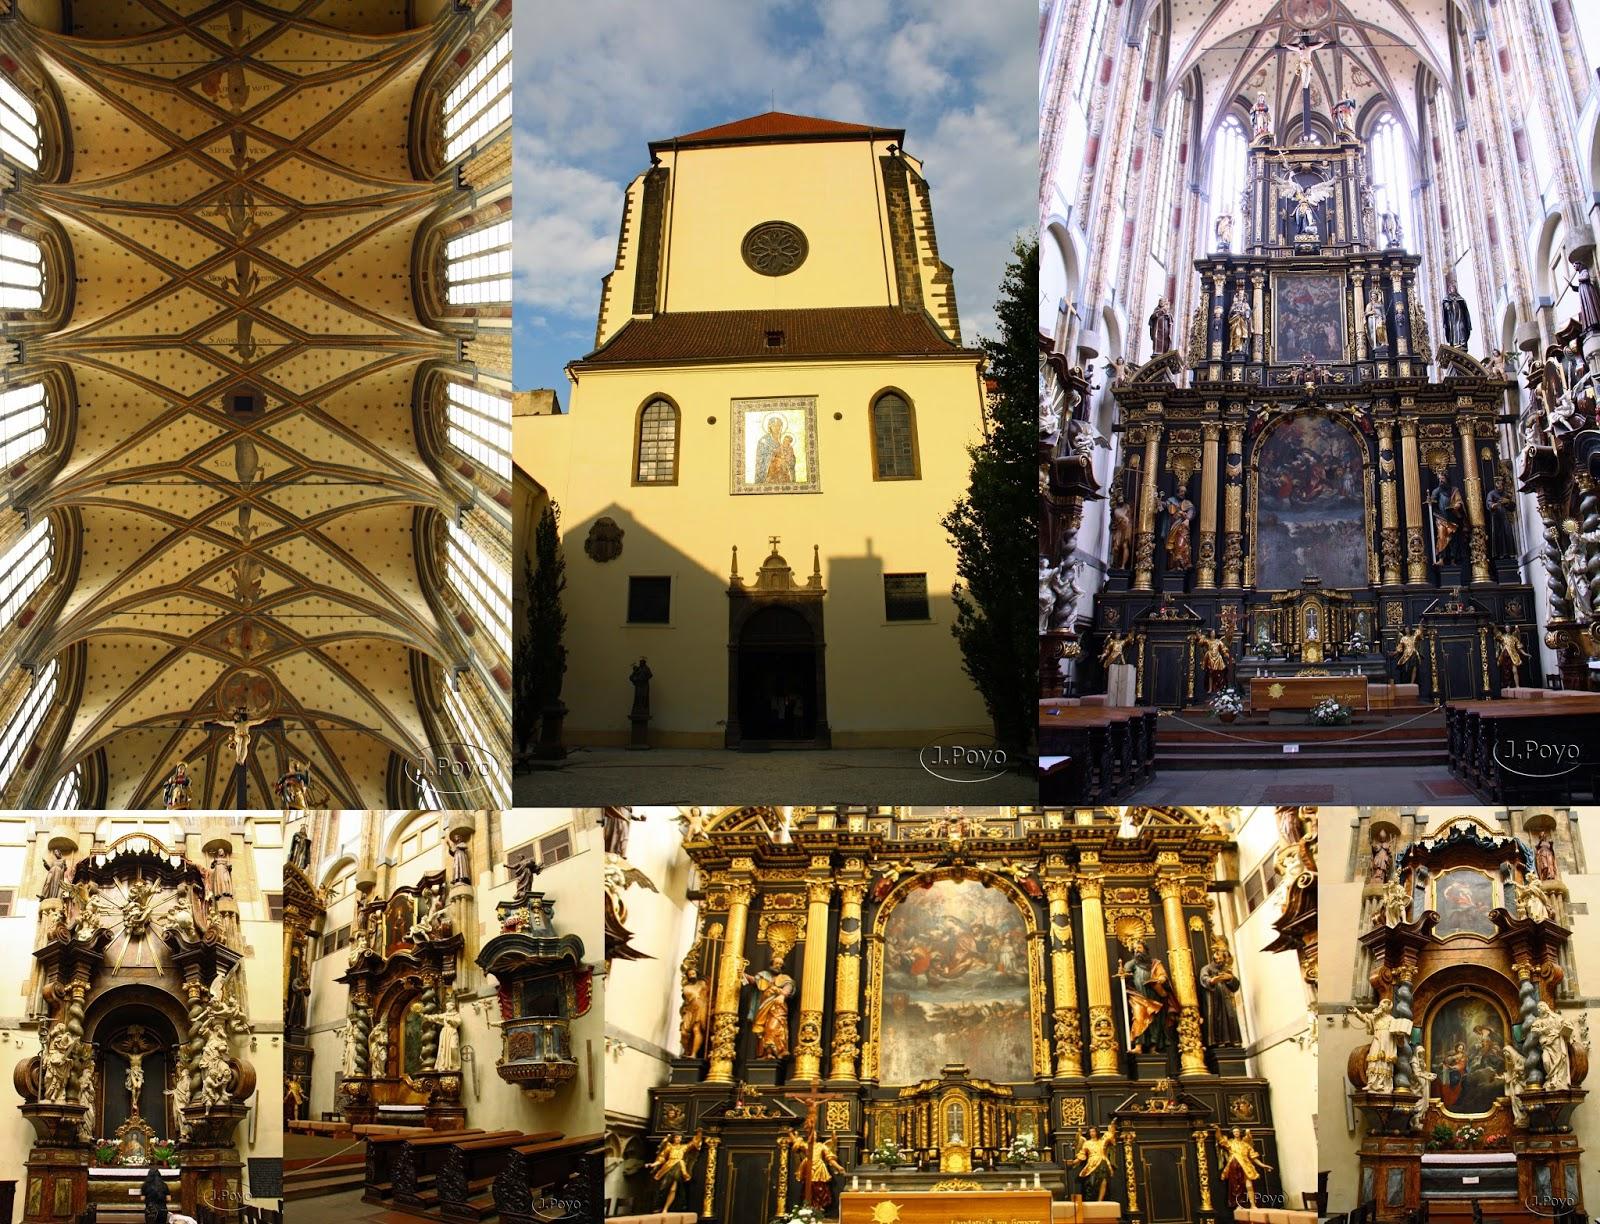 Iglesia de Nuestra Señora de las Nieves de Praga